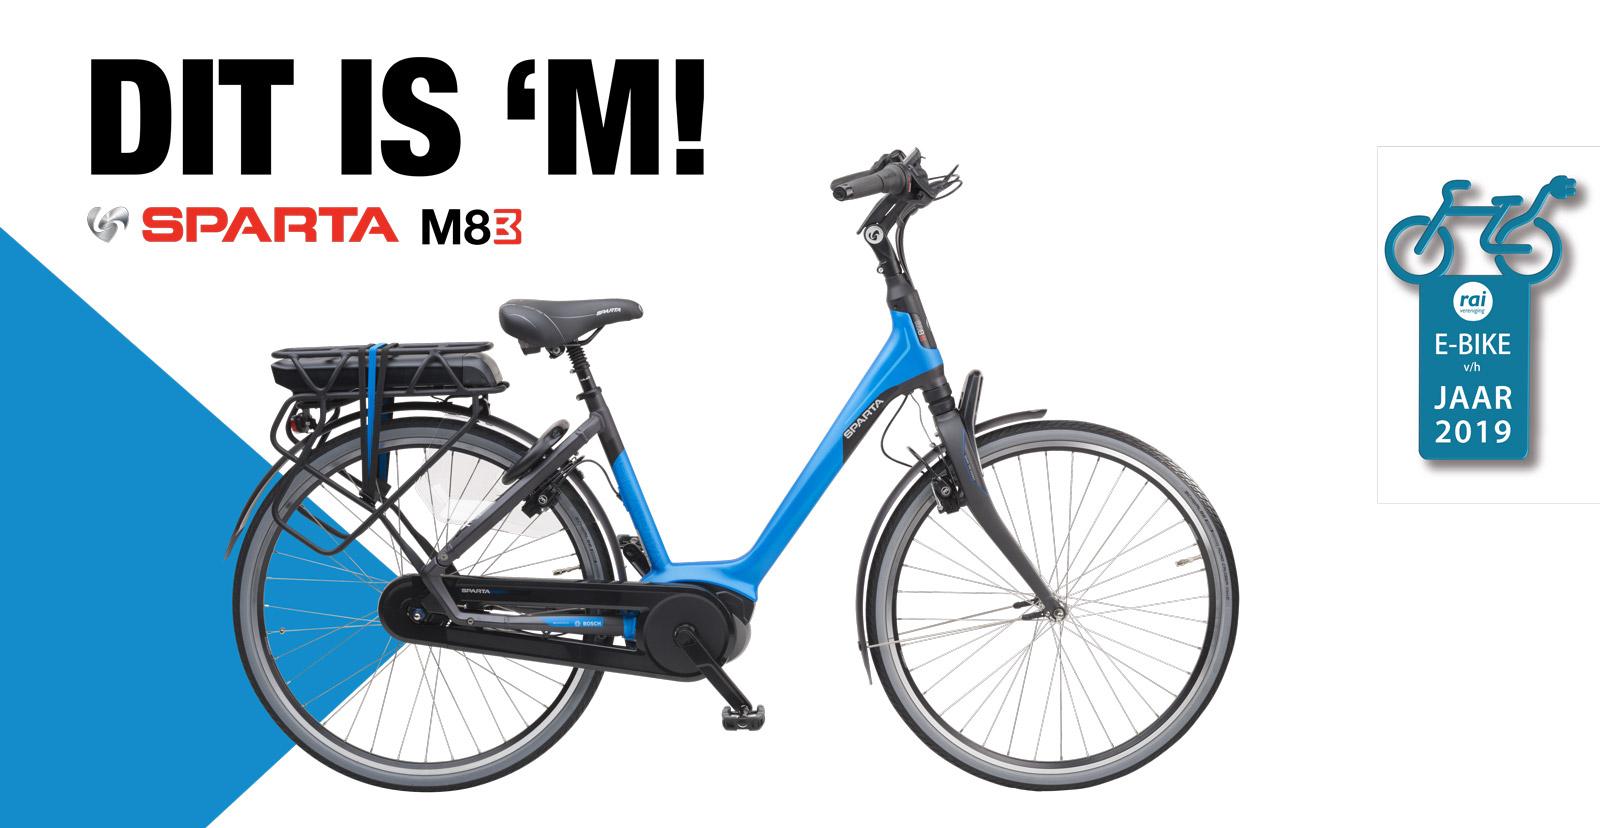 M8B Active Plus